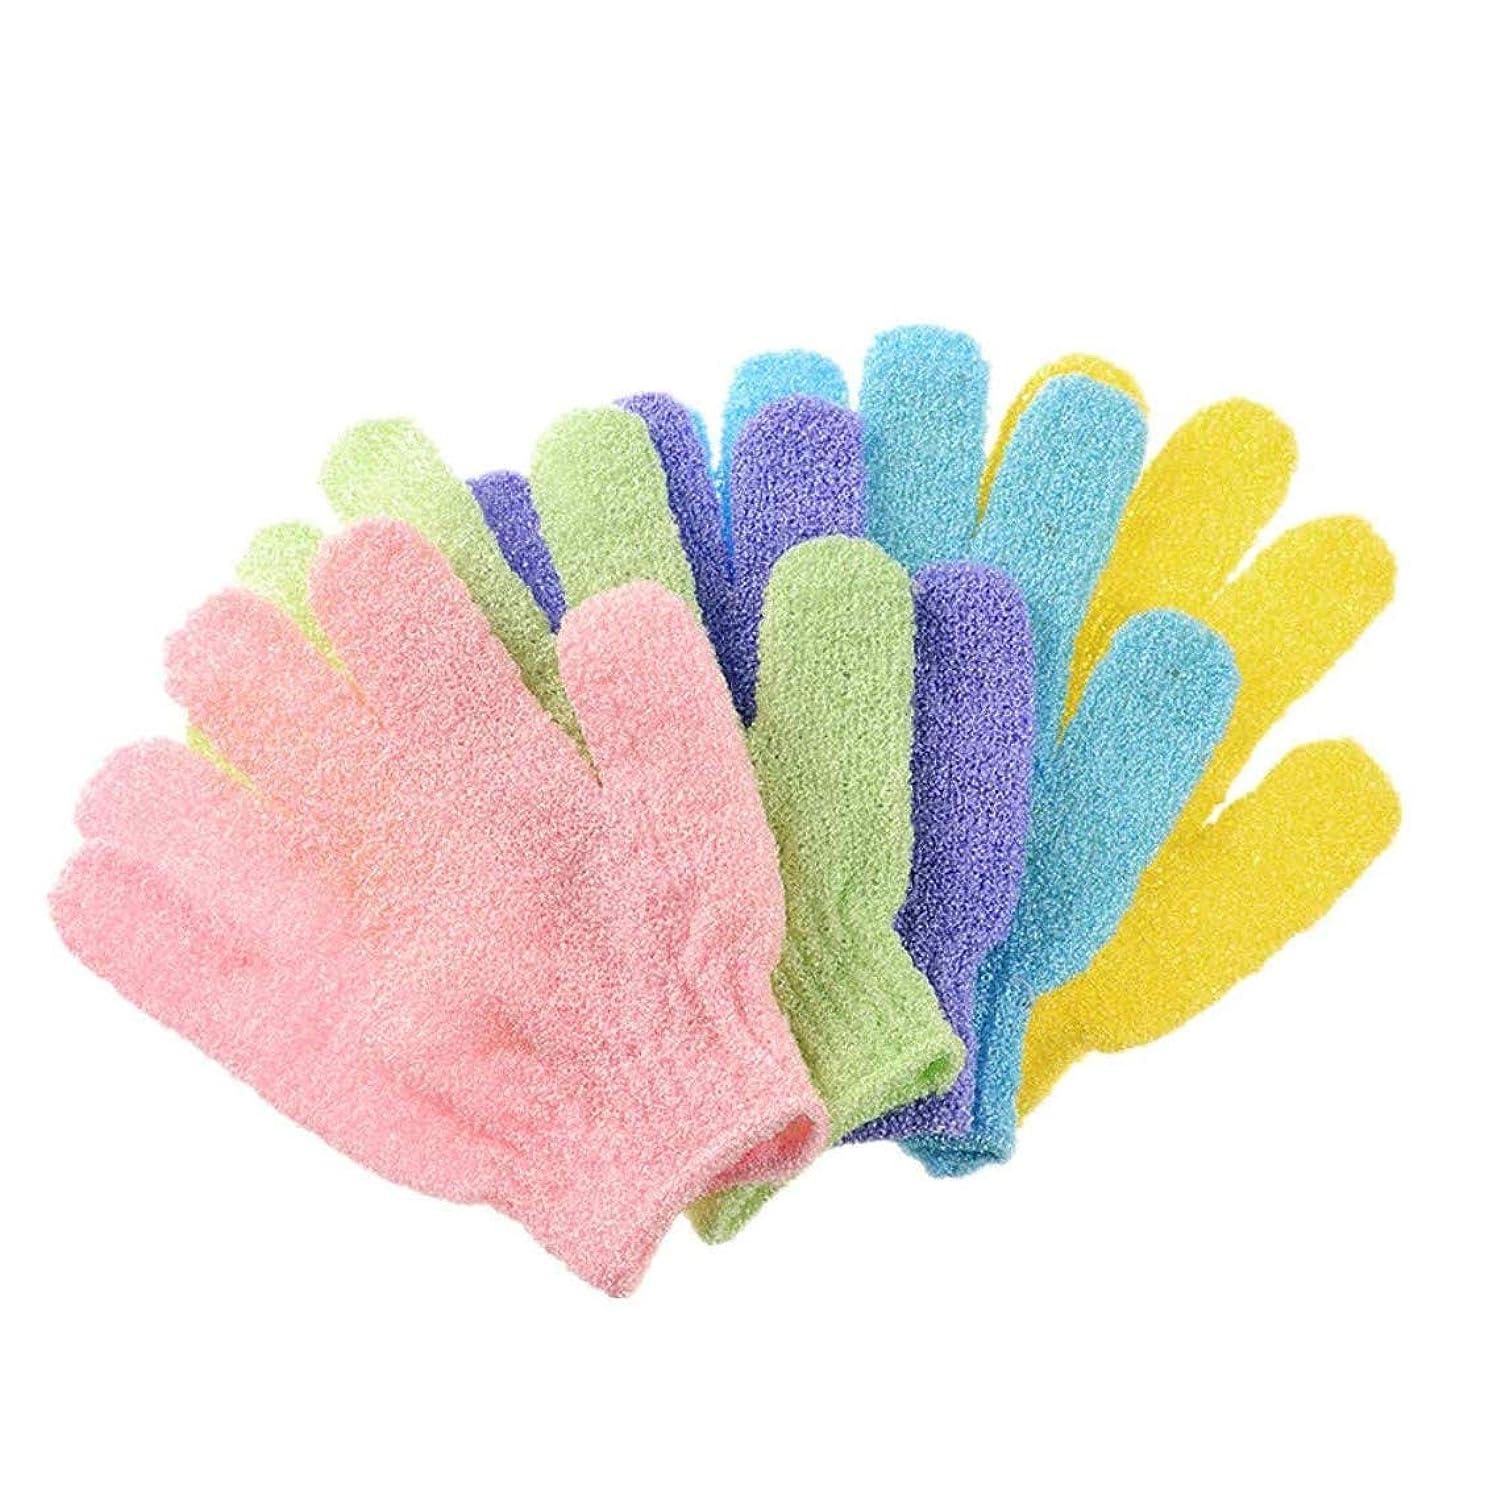 何かバングラデシュ受粉する10枚セット浴用手袋 お風呂手袋 角質取り ボディウォッシュ手袋 角質除去グローブ 泡立ち 垢すり